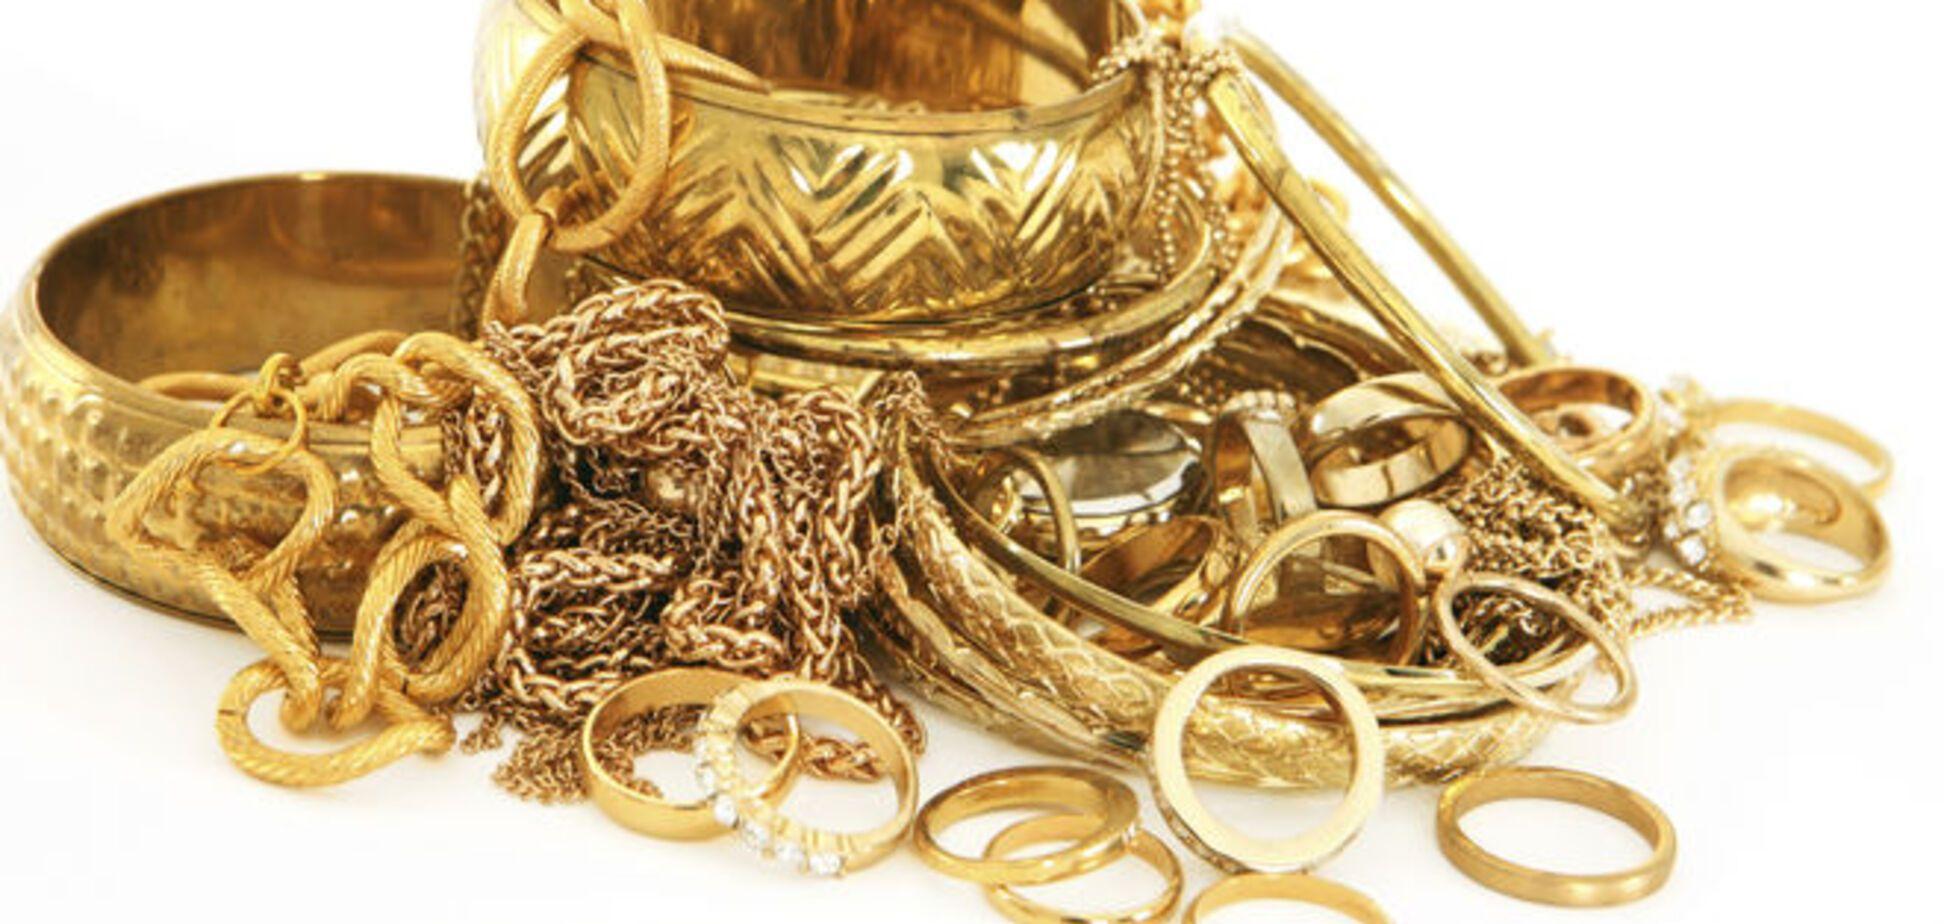 В Житомире произошло 'золотое' ограбление на 1 миллион